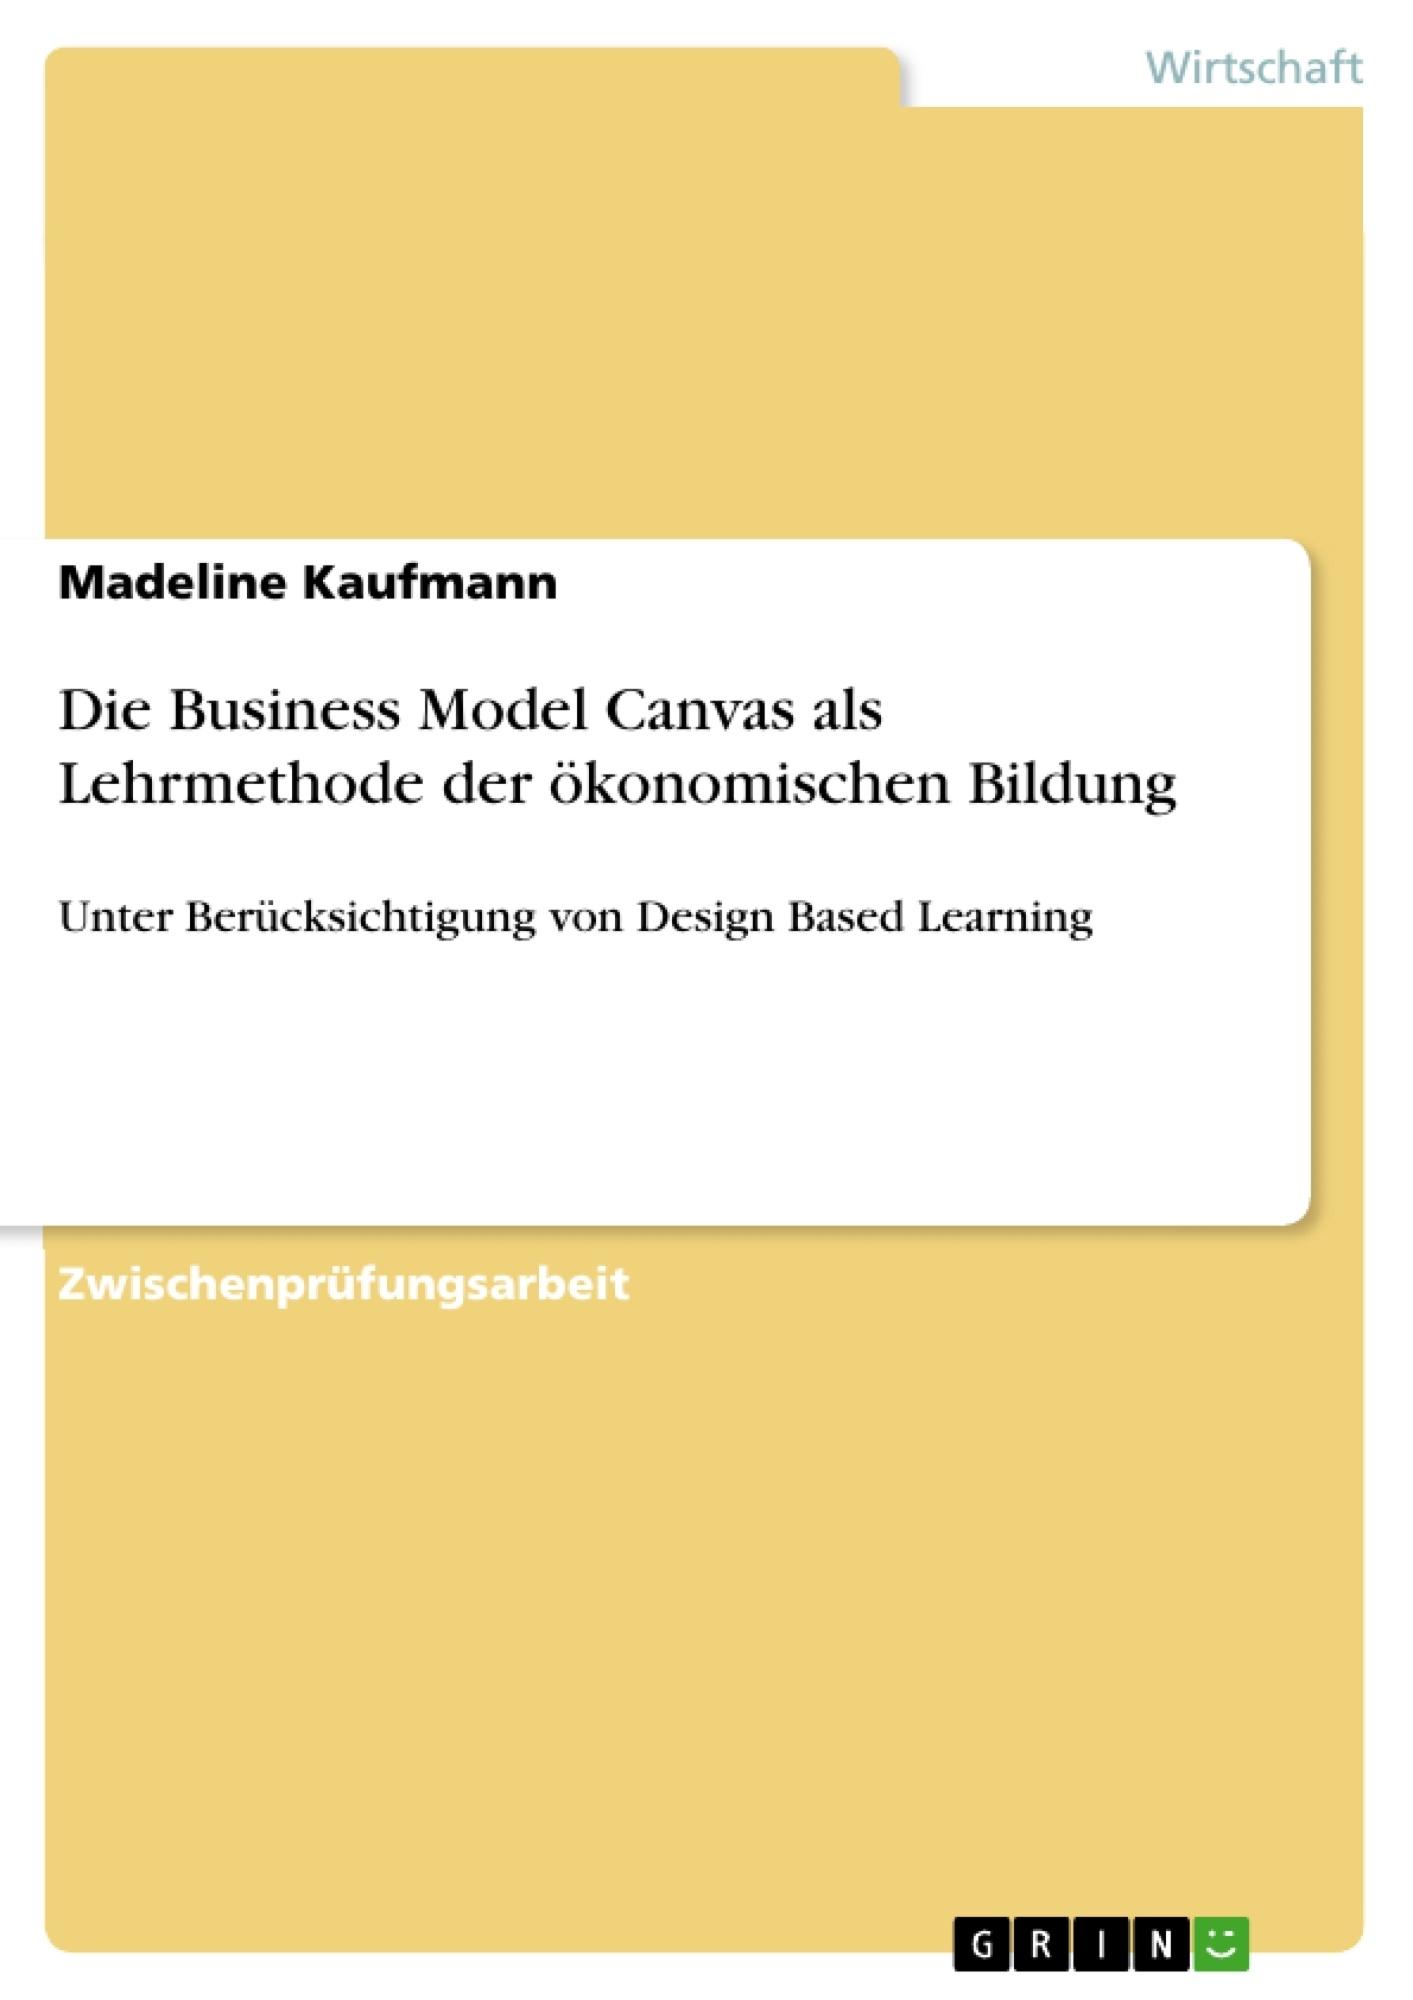 Titel: Die Business Model Canvas als Lehrmethode der ökonomischen Bildung